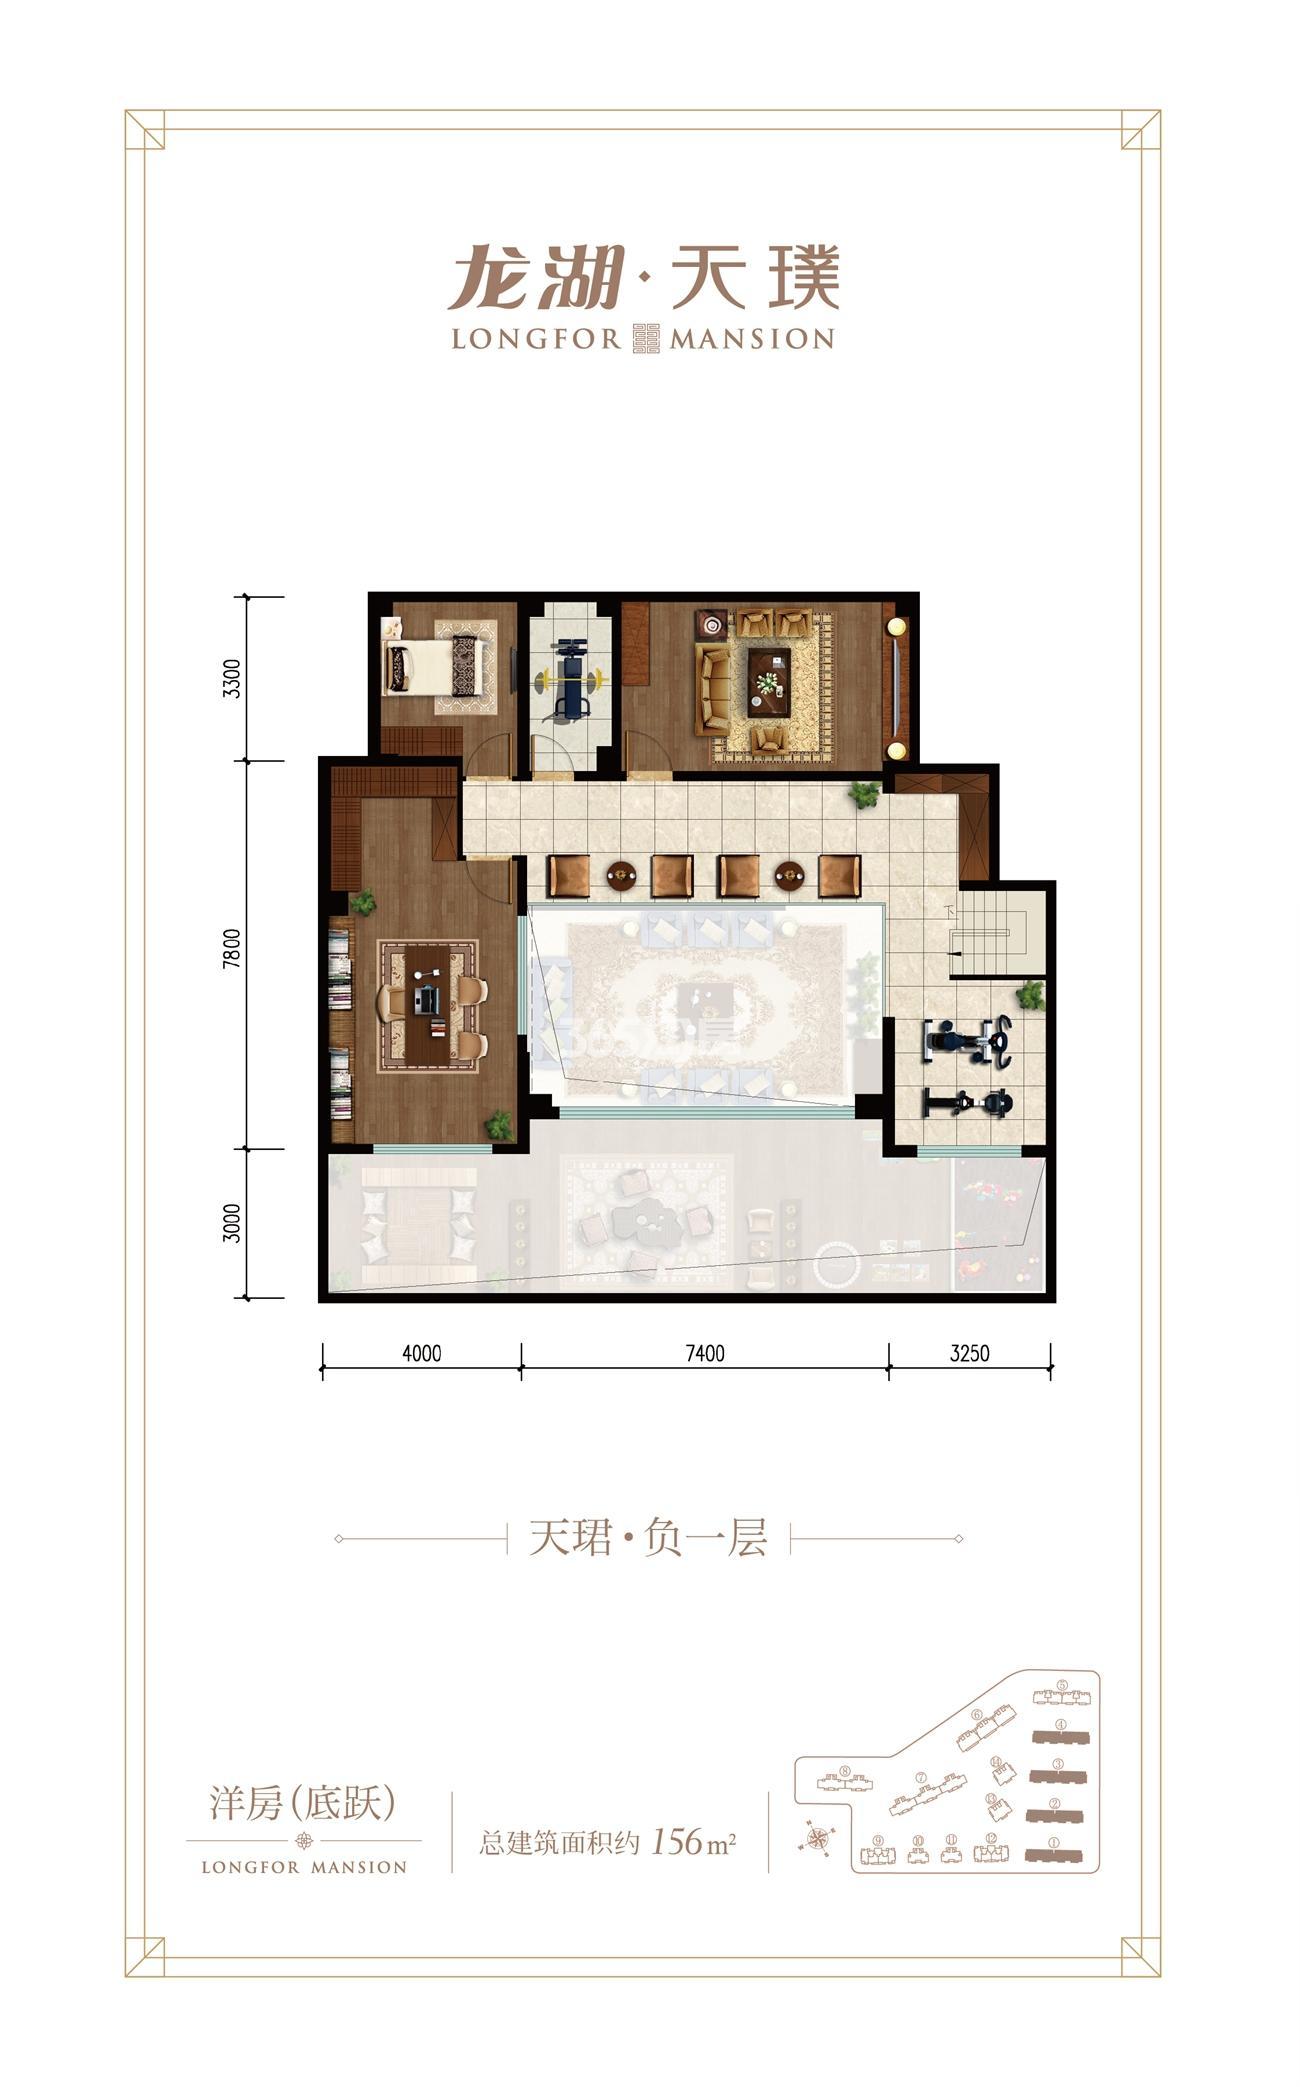 龙湖天璞洋房天珺底跃156方负一层(1-4#)